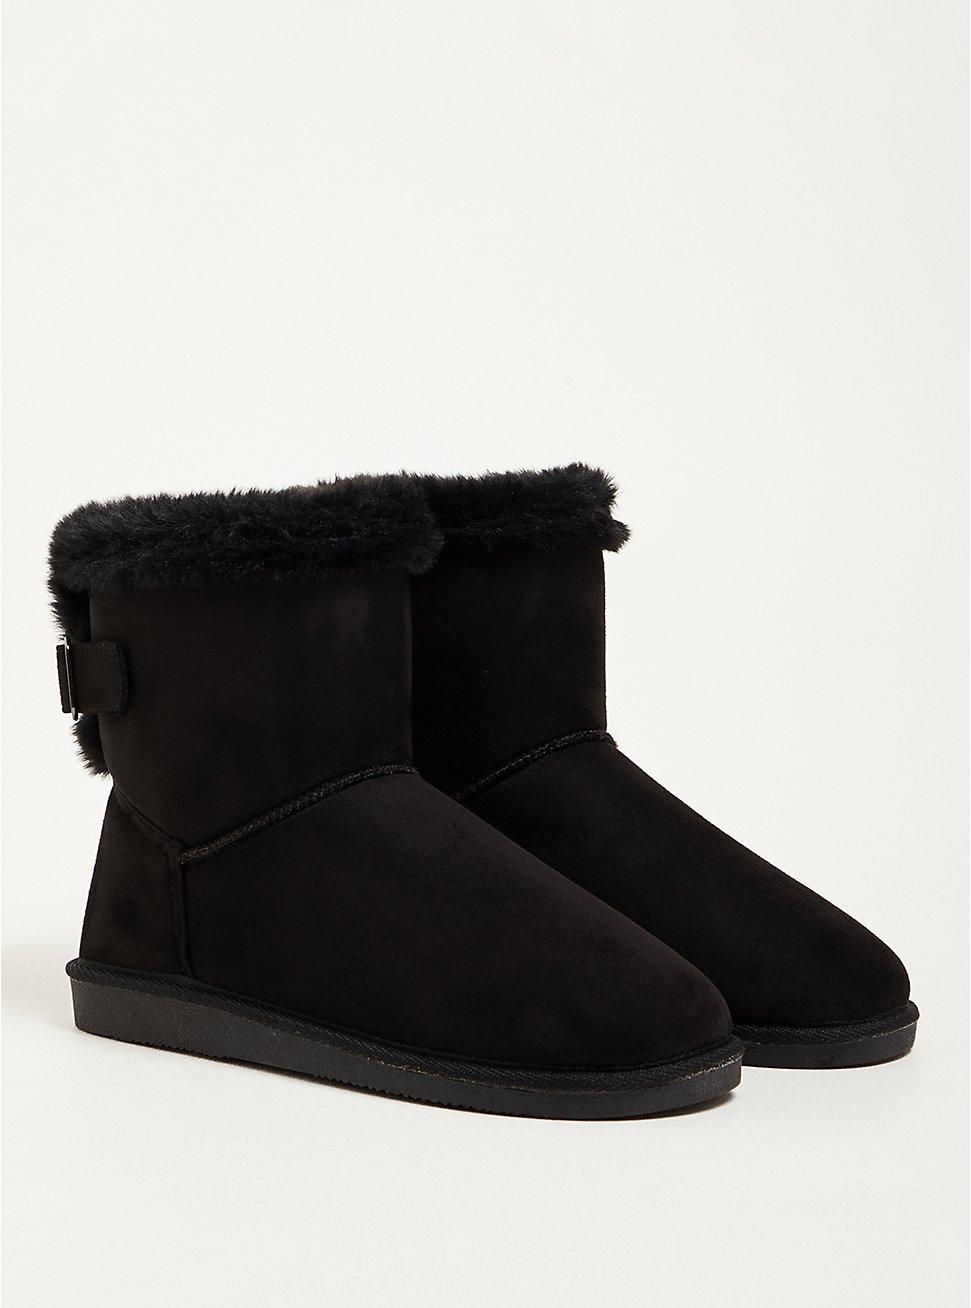 Fur-Lined Bootie - Faux Suede Black (WW), BLACK, hi-res